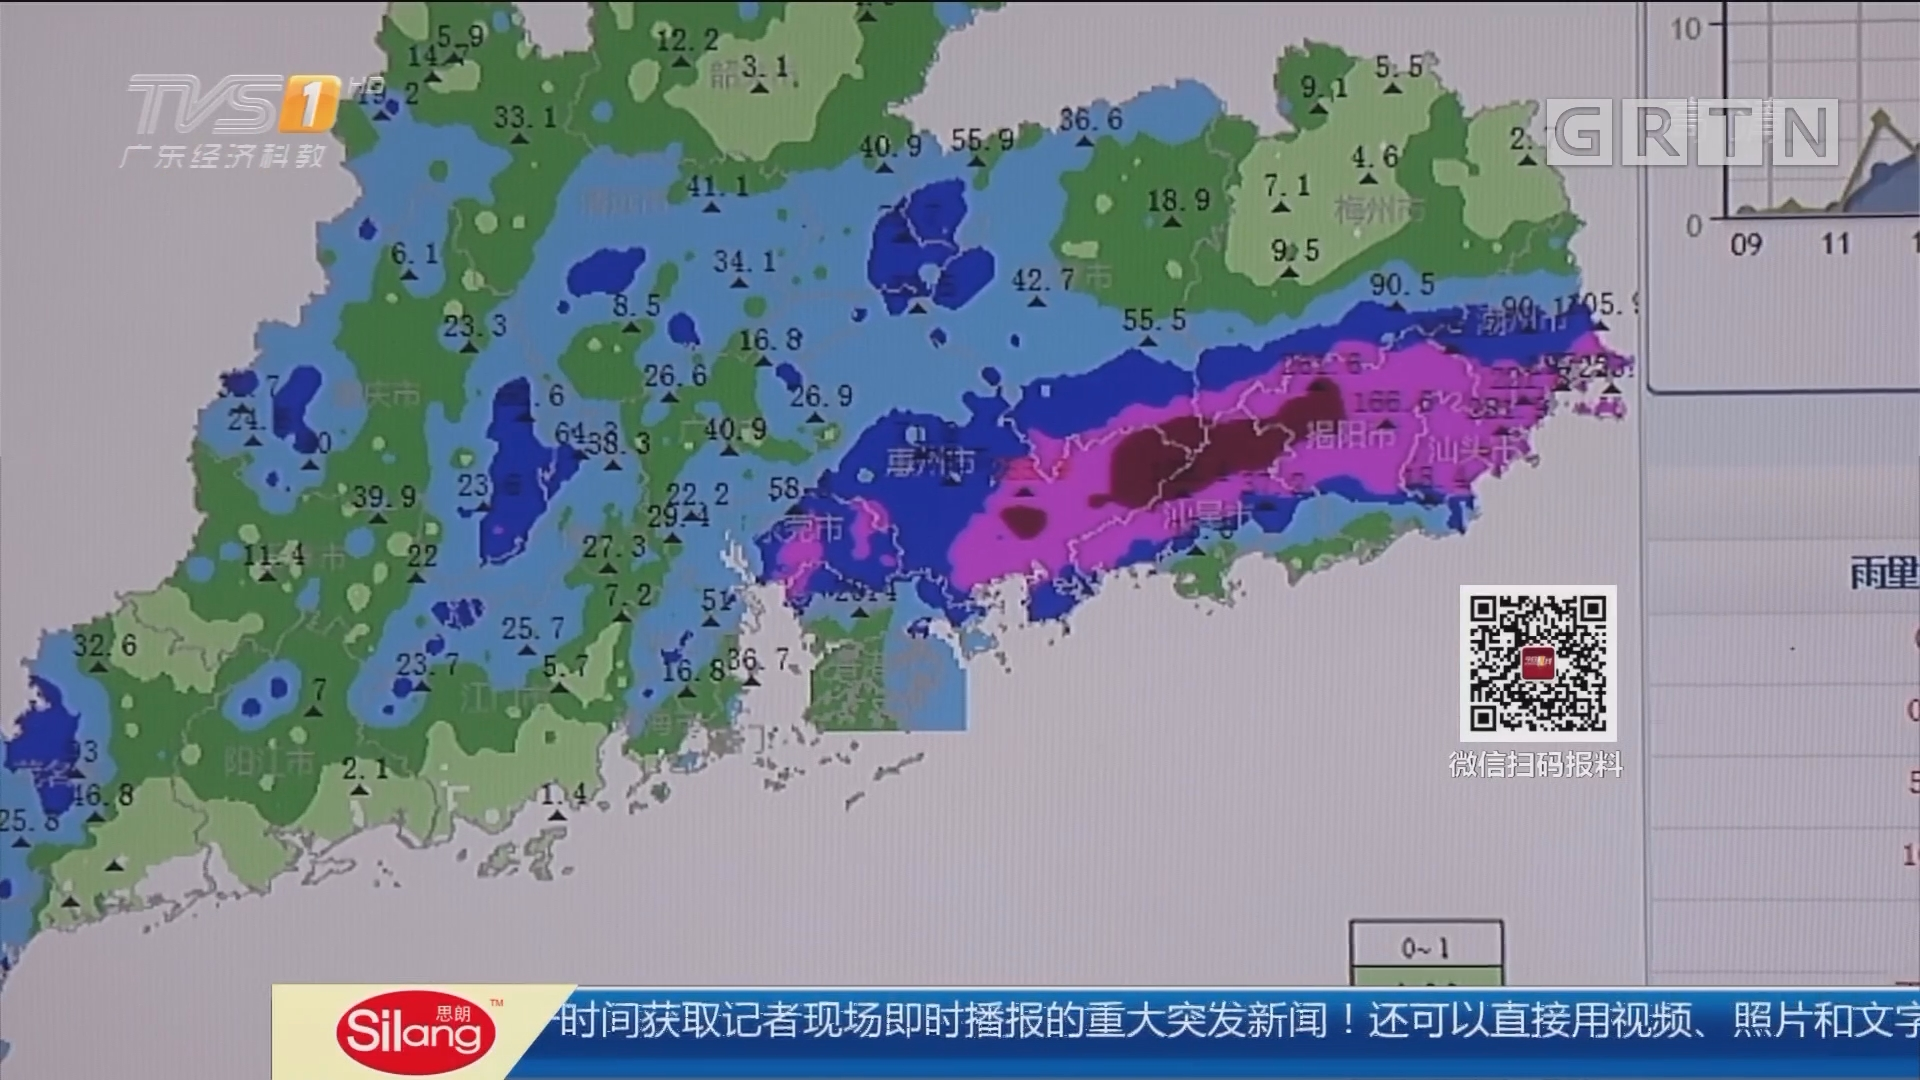 广东各地抢险救灾:惠州髙潭日降雨超千毫米 广东历史第一